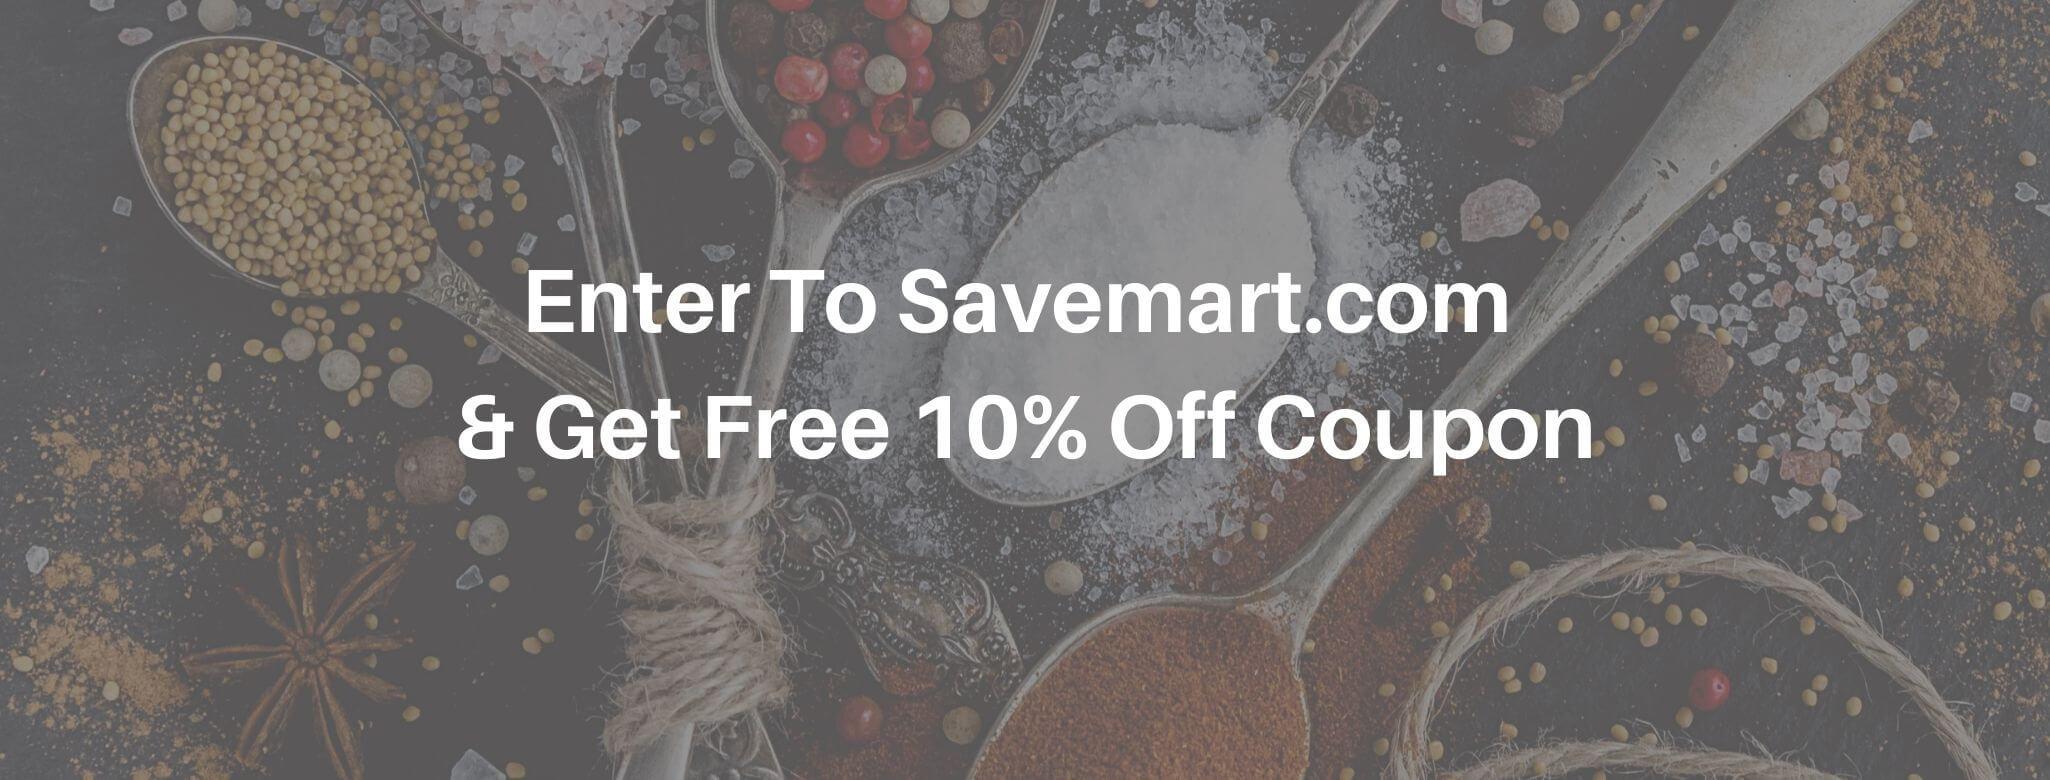 savemart.com survey